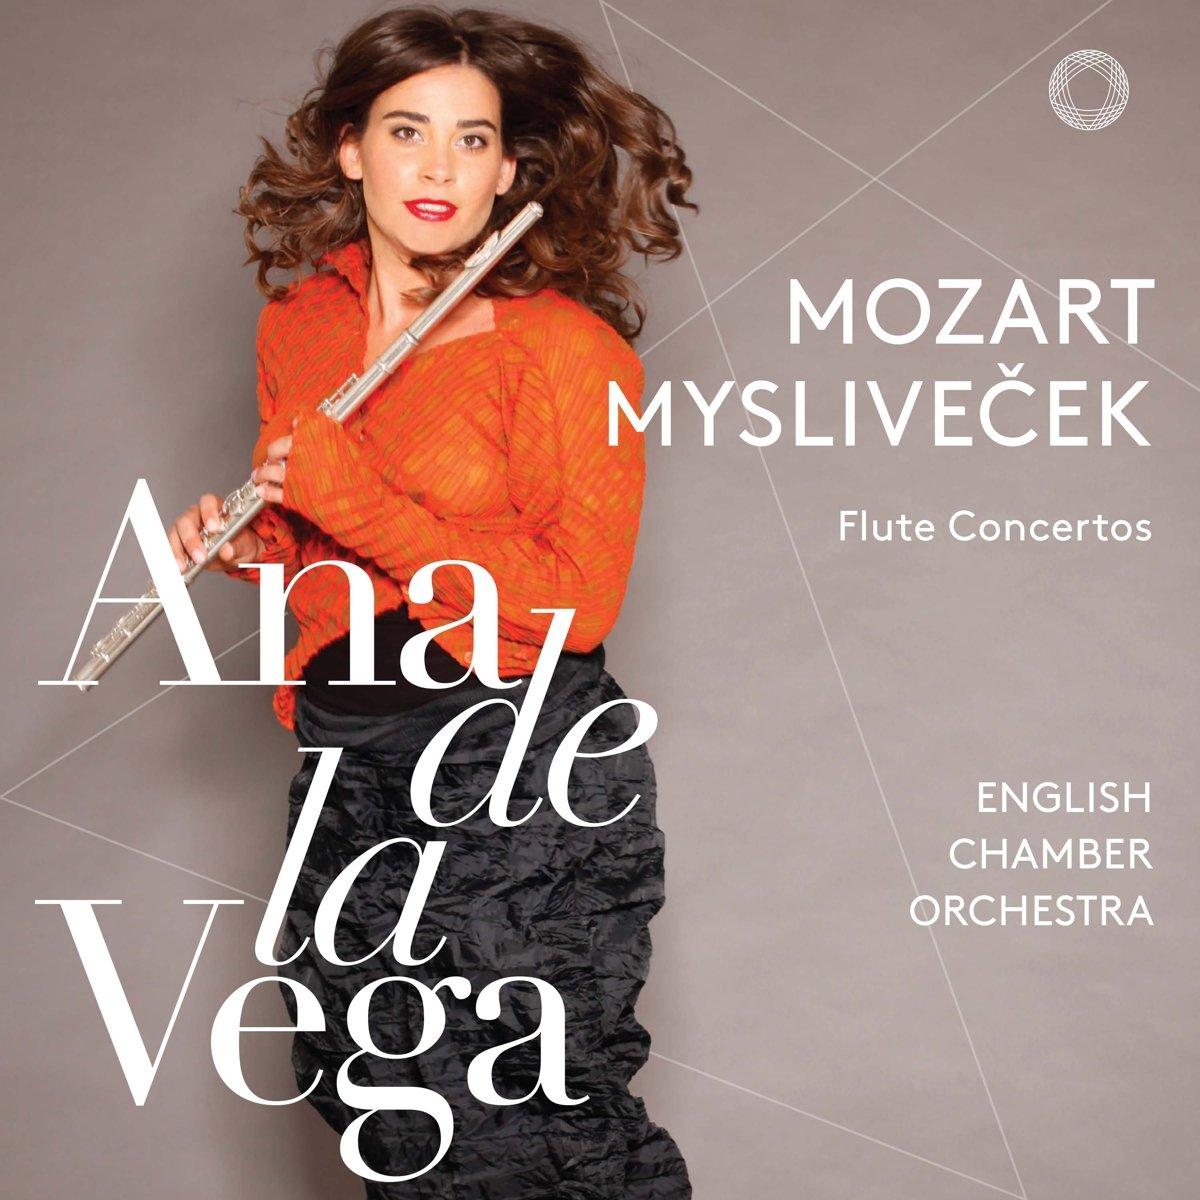 SACD : Ana de la Vega - Flute Concertos 1 & 2 (Hybrid SACD)